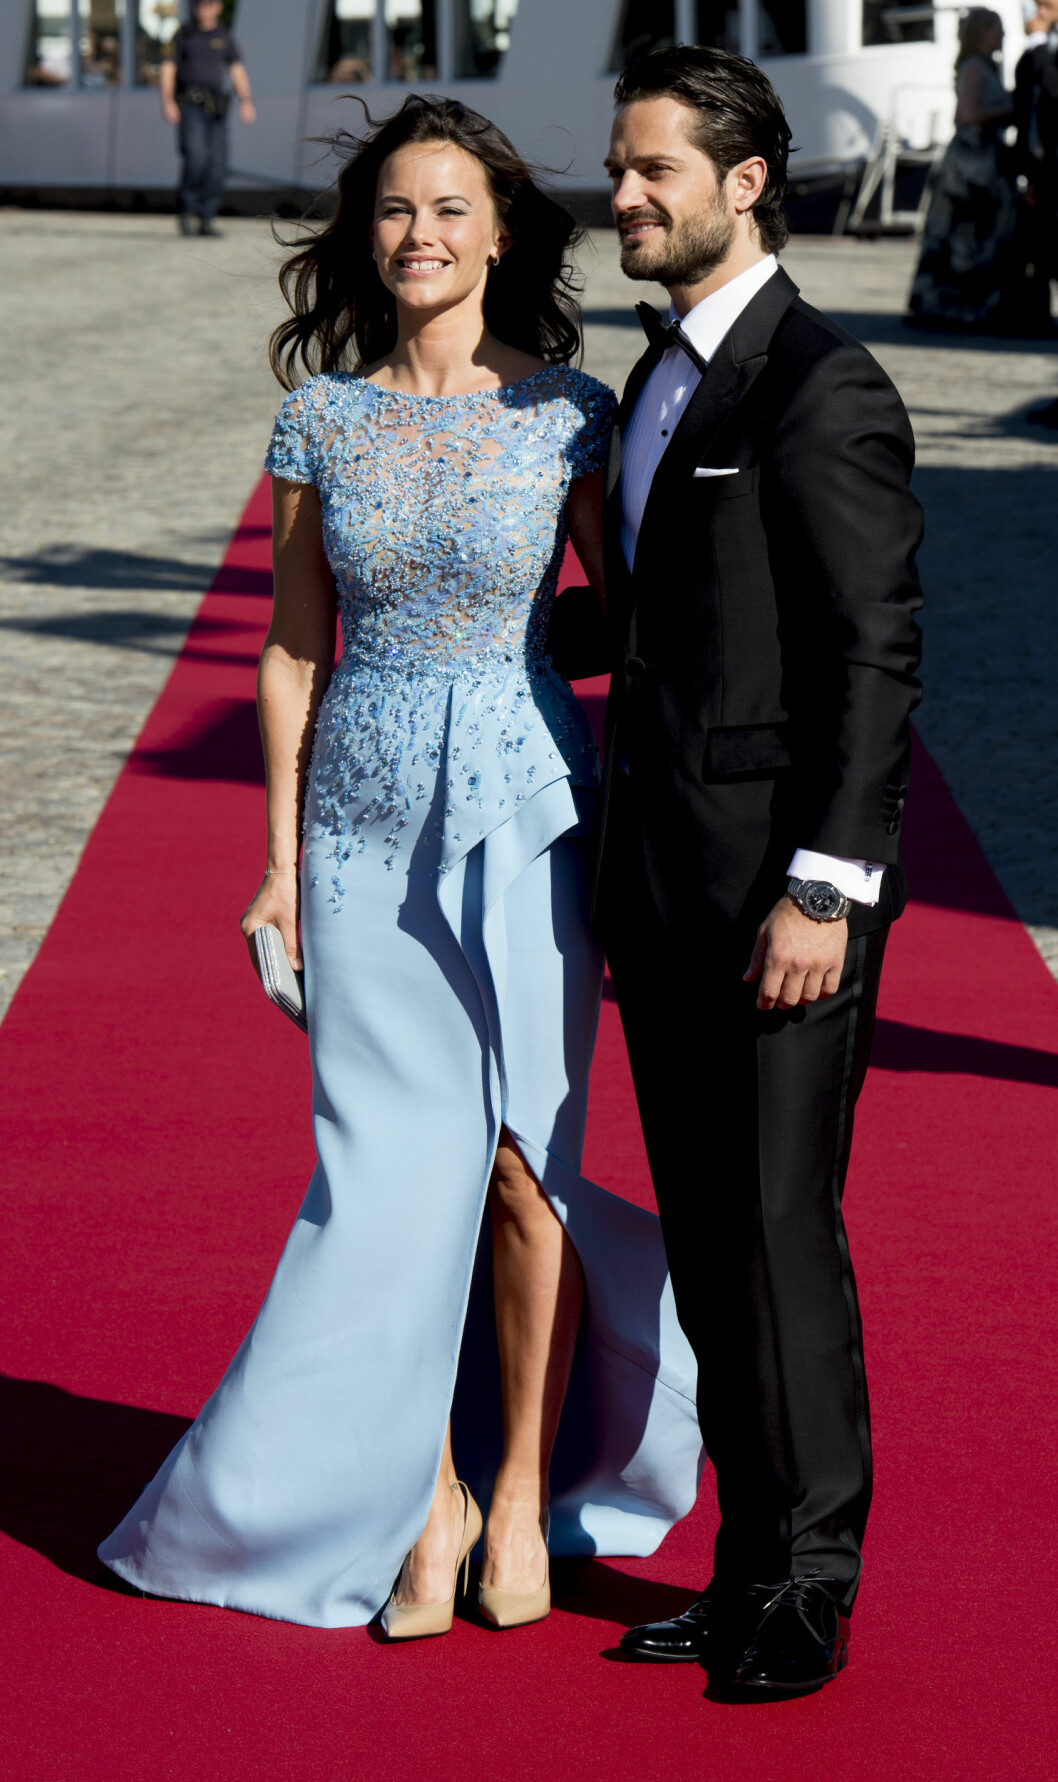 <strong>FORELSKET:</strong> Lørdag 13. juni får endelig prins Carl Philip sin Sofia Hellqvist. Her fra førfesten kvelden i forveien. Foto: NTB Scanpix